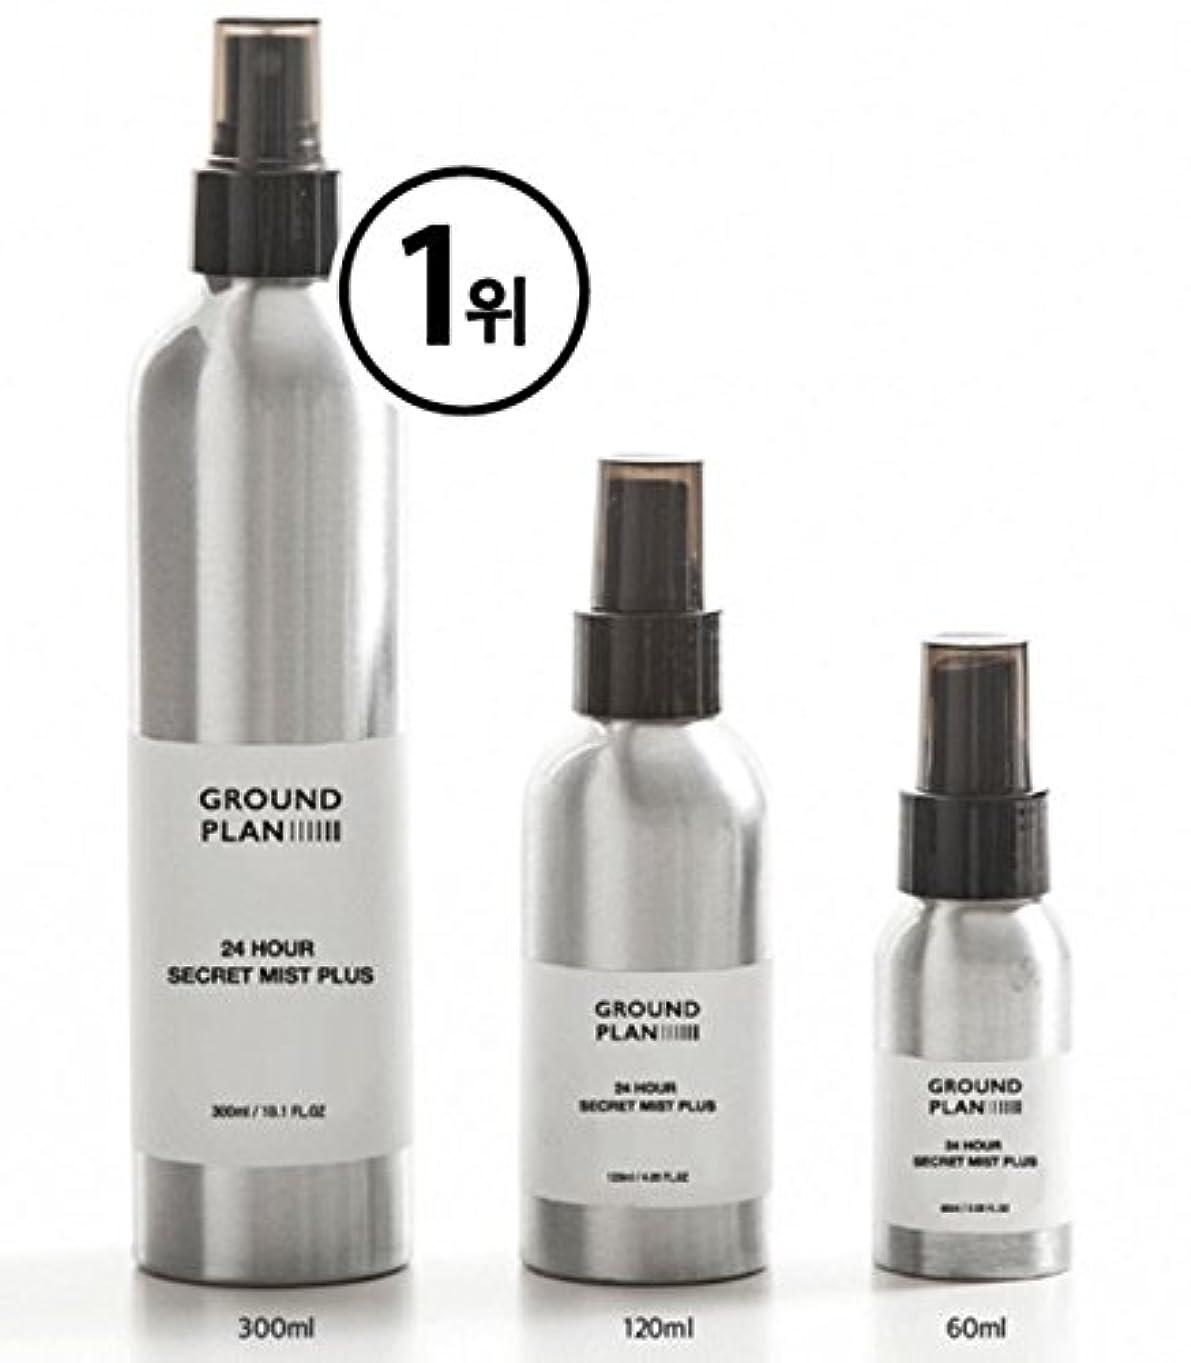 それプロトタイプ相対サイズ[グラウンド?プラン] 24Hour 秘密 スキンミスト Plus (120ml) (300ml) Ground plan 24 Hour Secret Skin Mist Plus [海外直送品] (120ml)